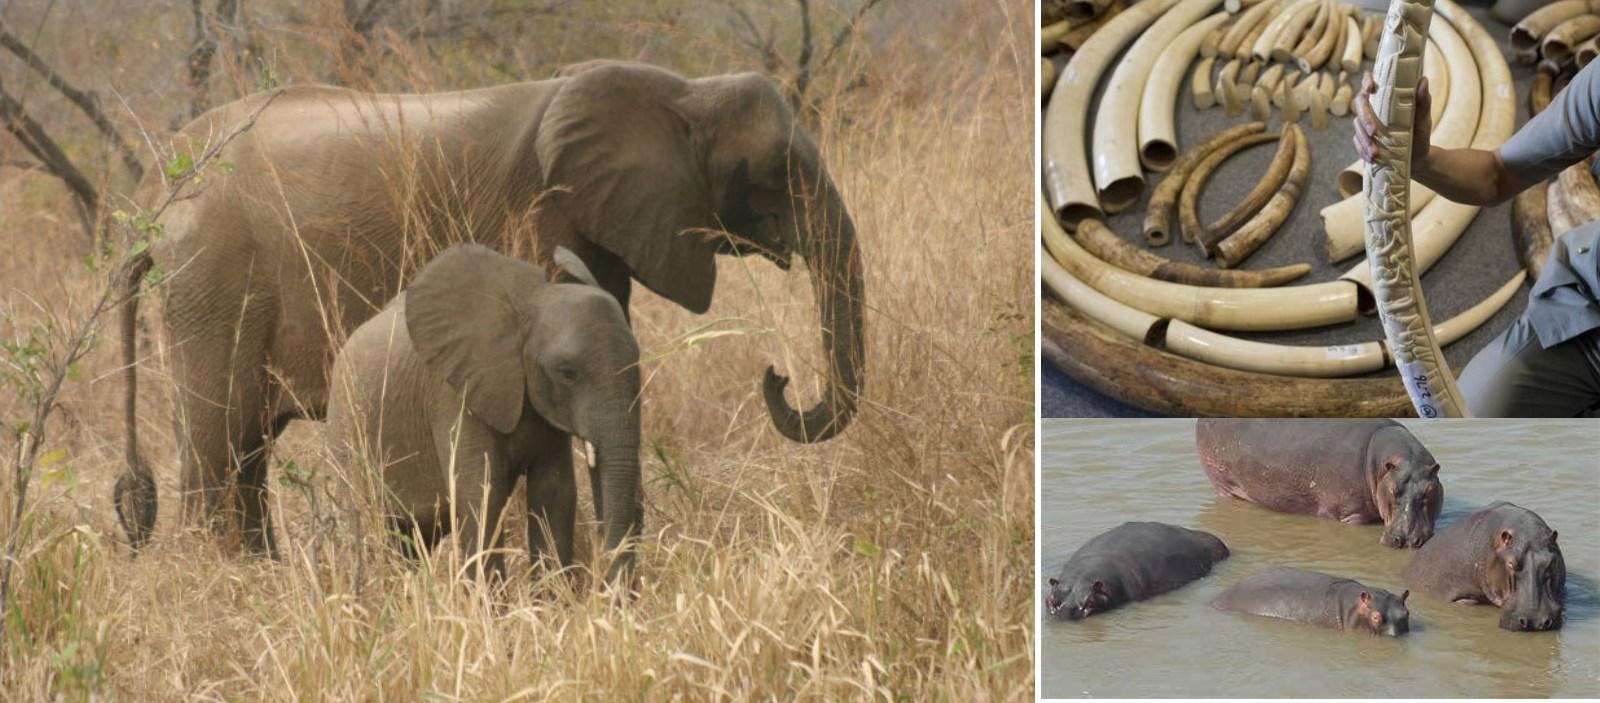 Le Togo veut se conformer à la CITES pour protéger les espèces sauvages menacées d'extinction